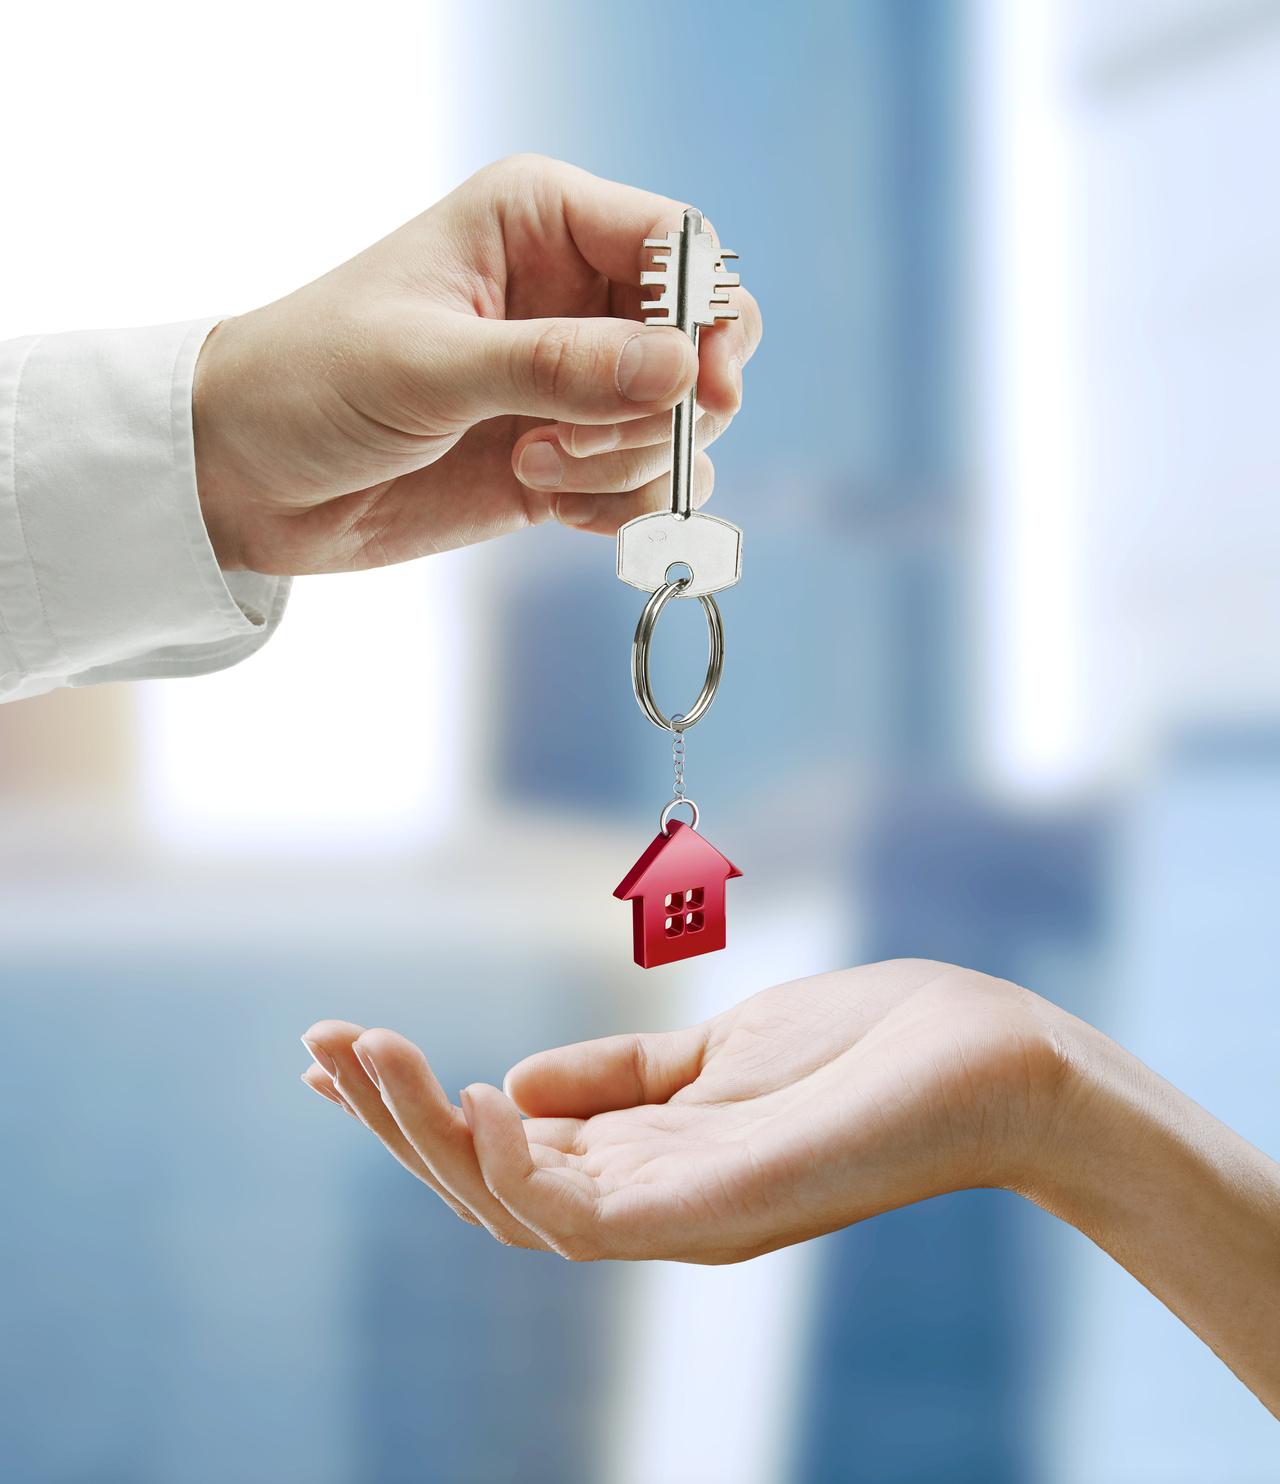 cho thue mat tien tphcm 120 Cho thuê nhà mặt tiền quận 2 đầy đủ nội thất   Thuê nhà mặt tiền TpHCM